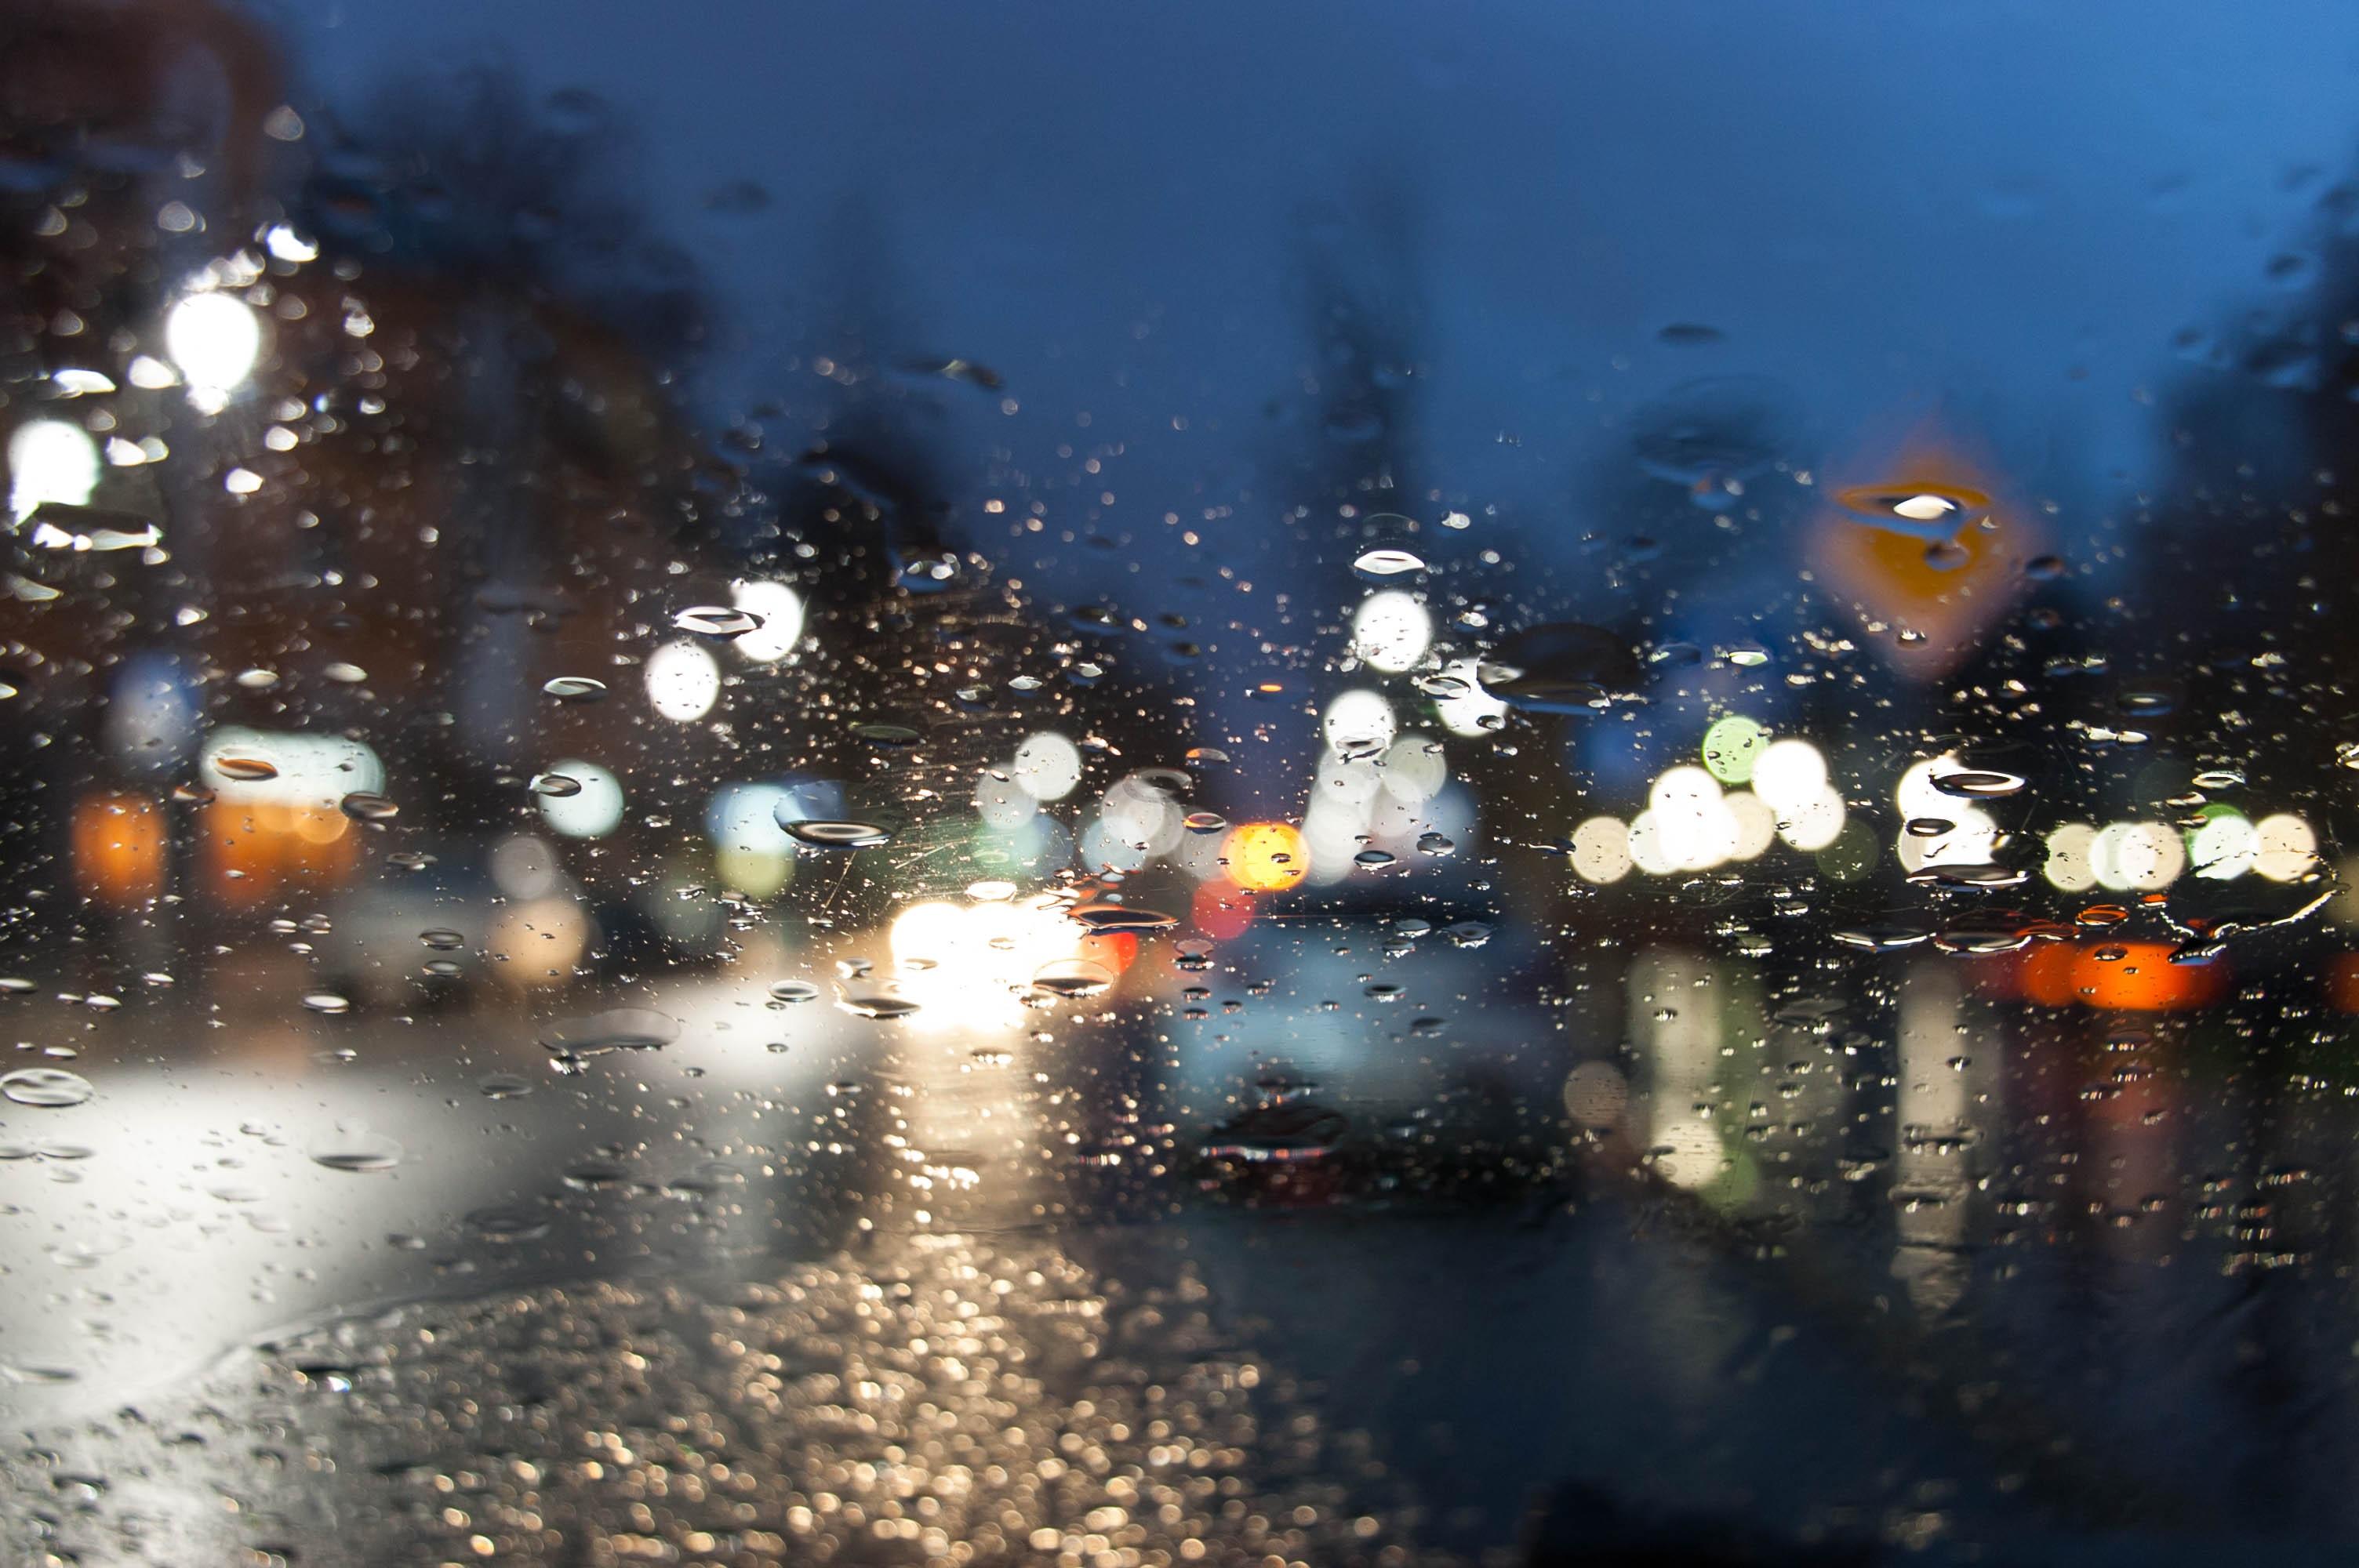 точки картинки погода вечером нашей рубрике ниже